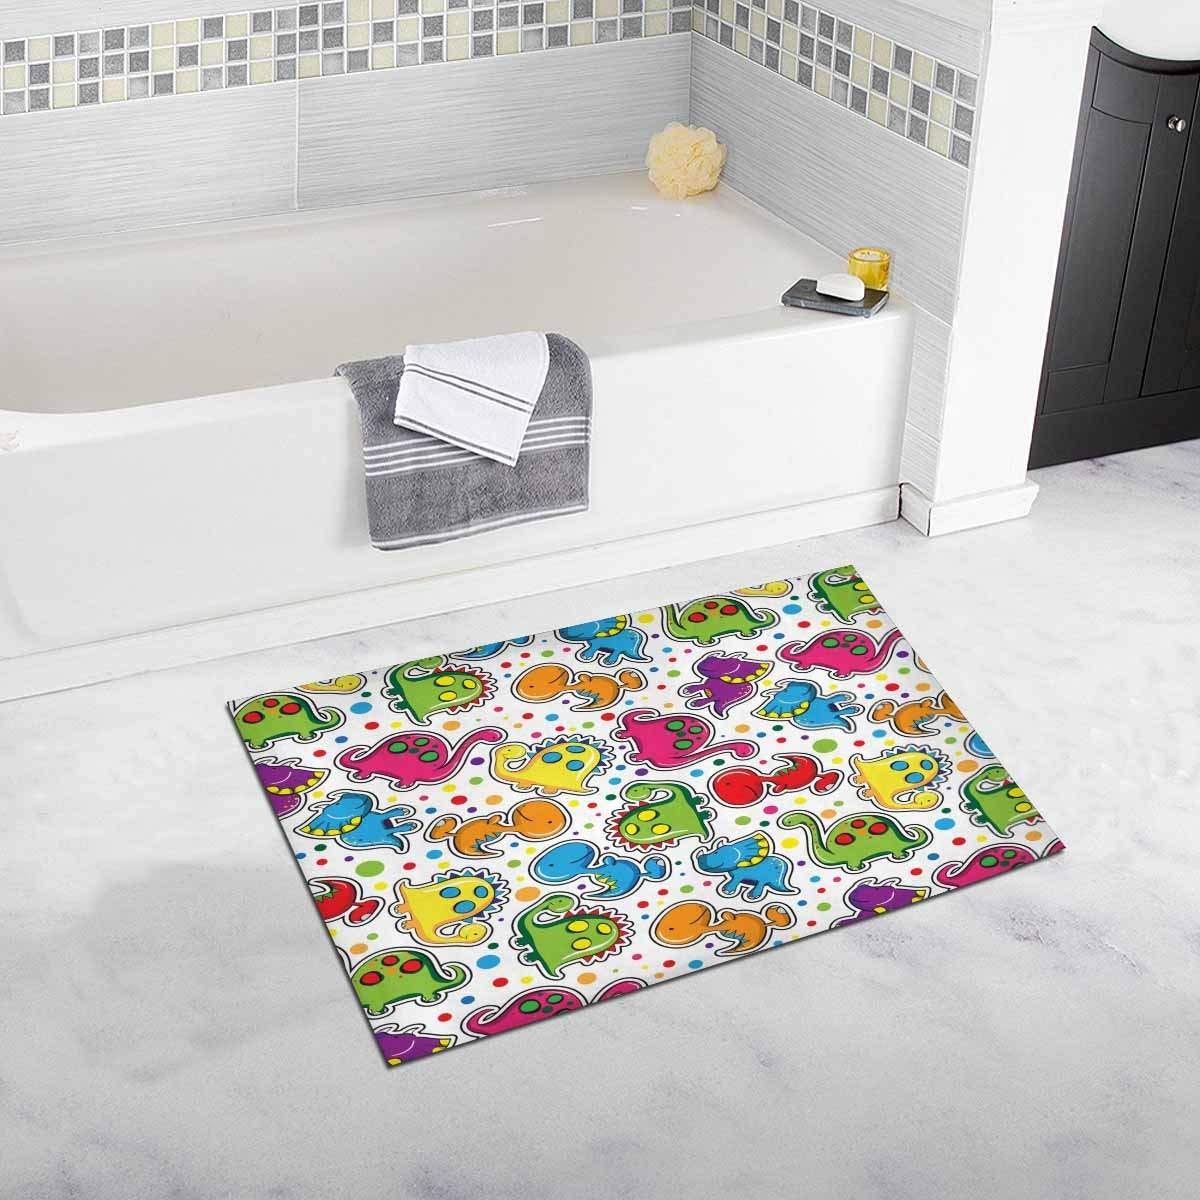 Hot Sale Cute Dinosaurs Non Slip Bathroom Mat Bath Rug, 20 W X 32 L ...